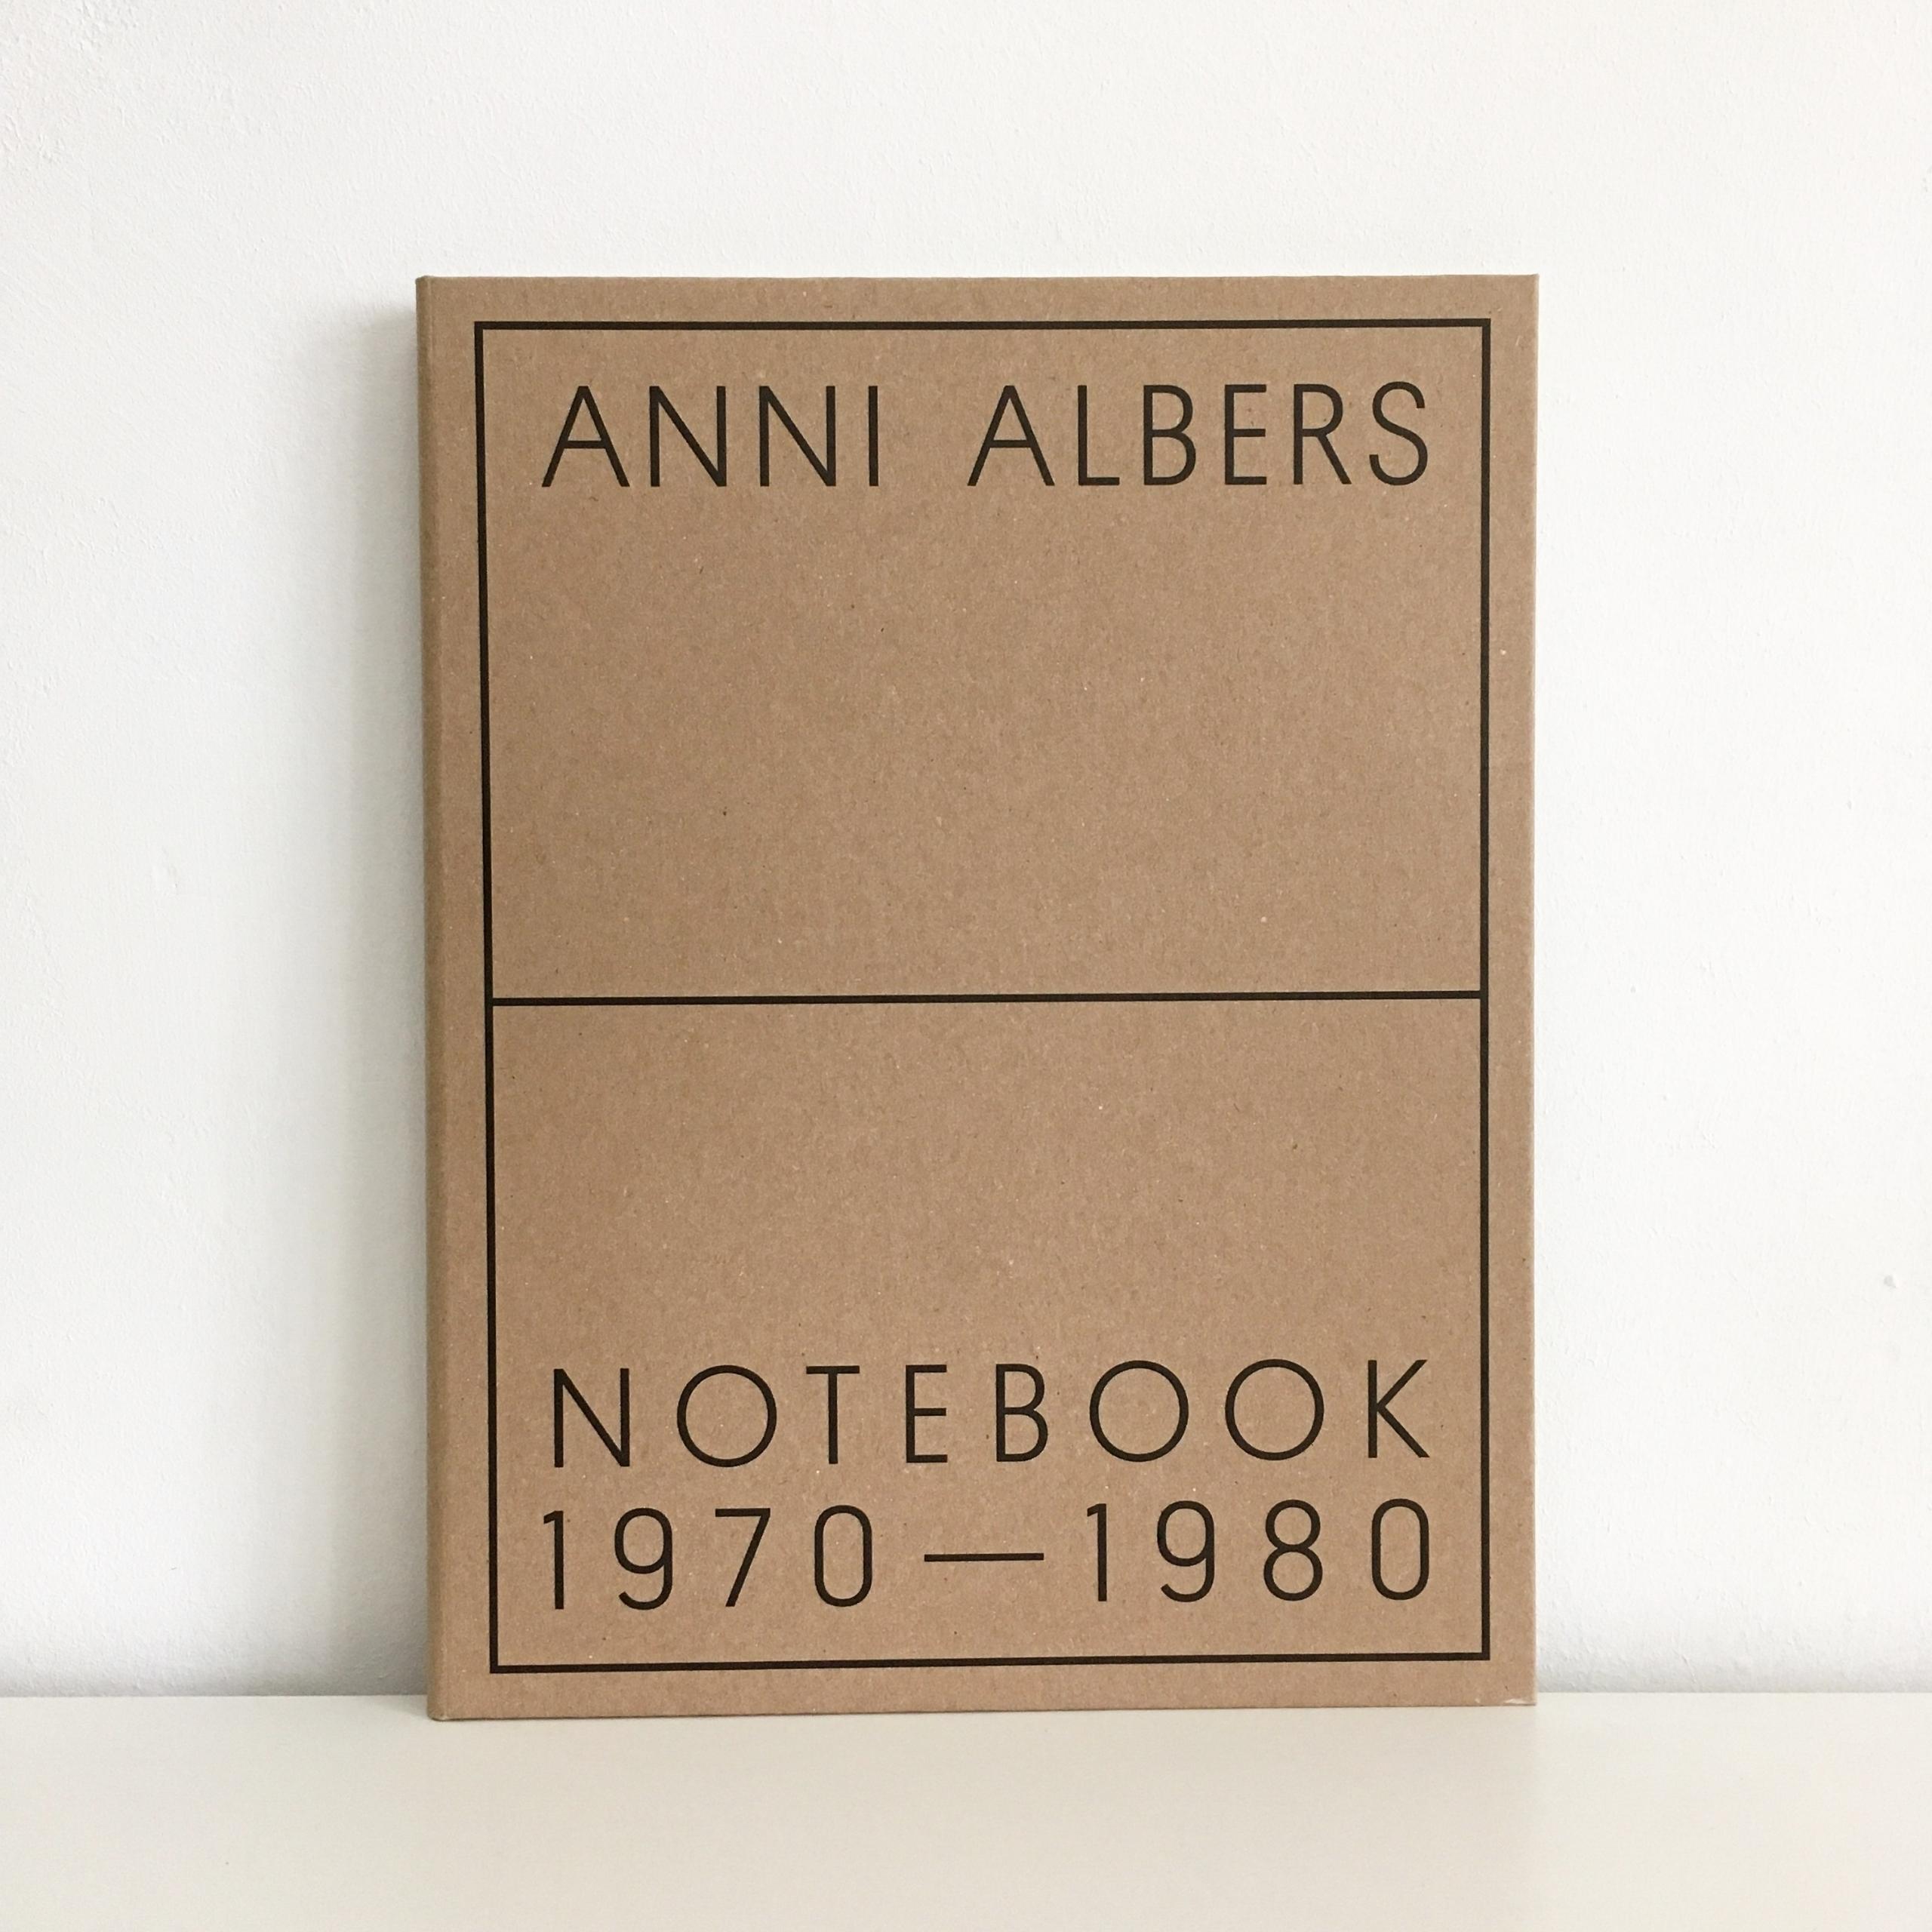 Anni Albers: Notebook 1970—1980 - sarahschrauwen | ello